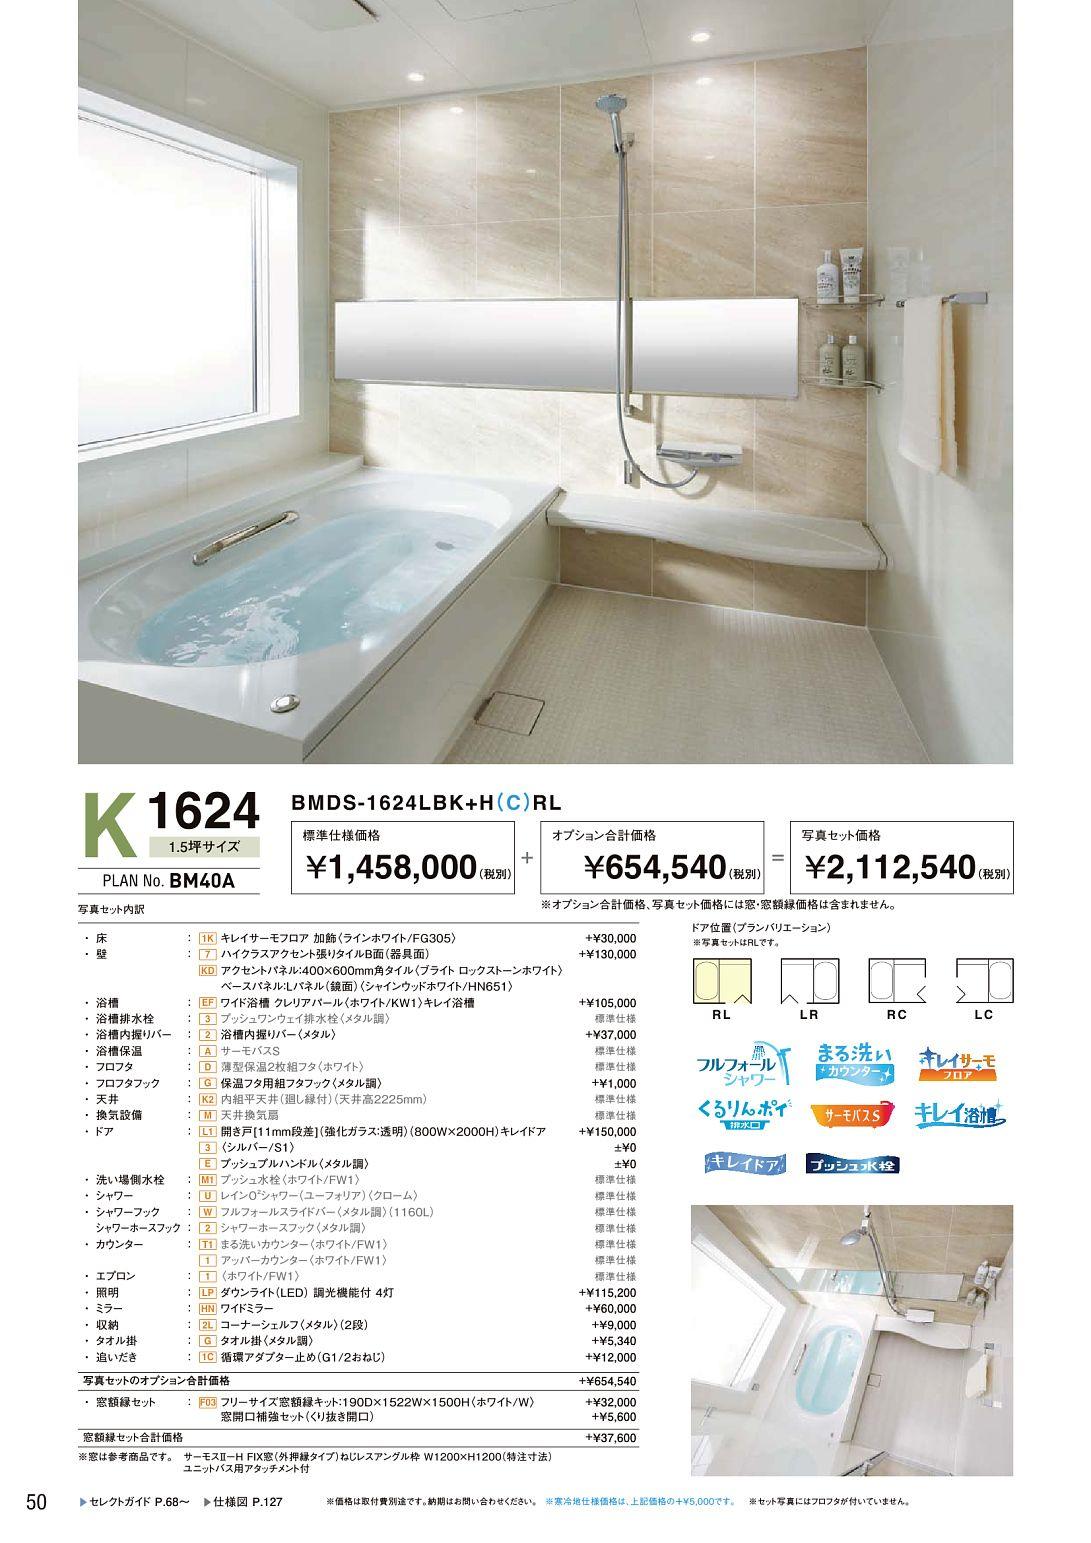 18アライズ商品編 総ページ数 208 バスルーム おしゃれ 浴室